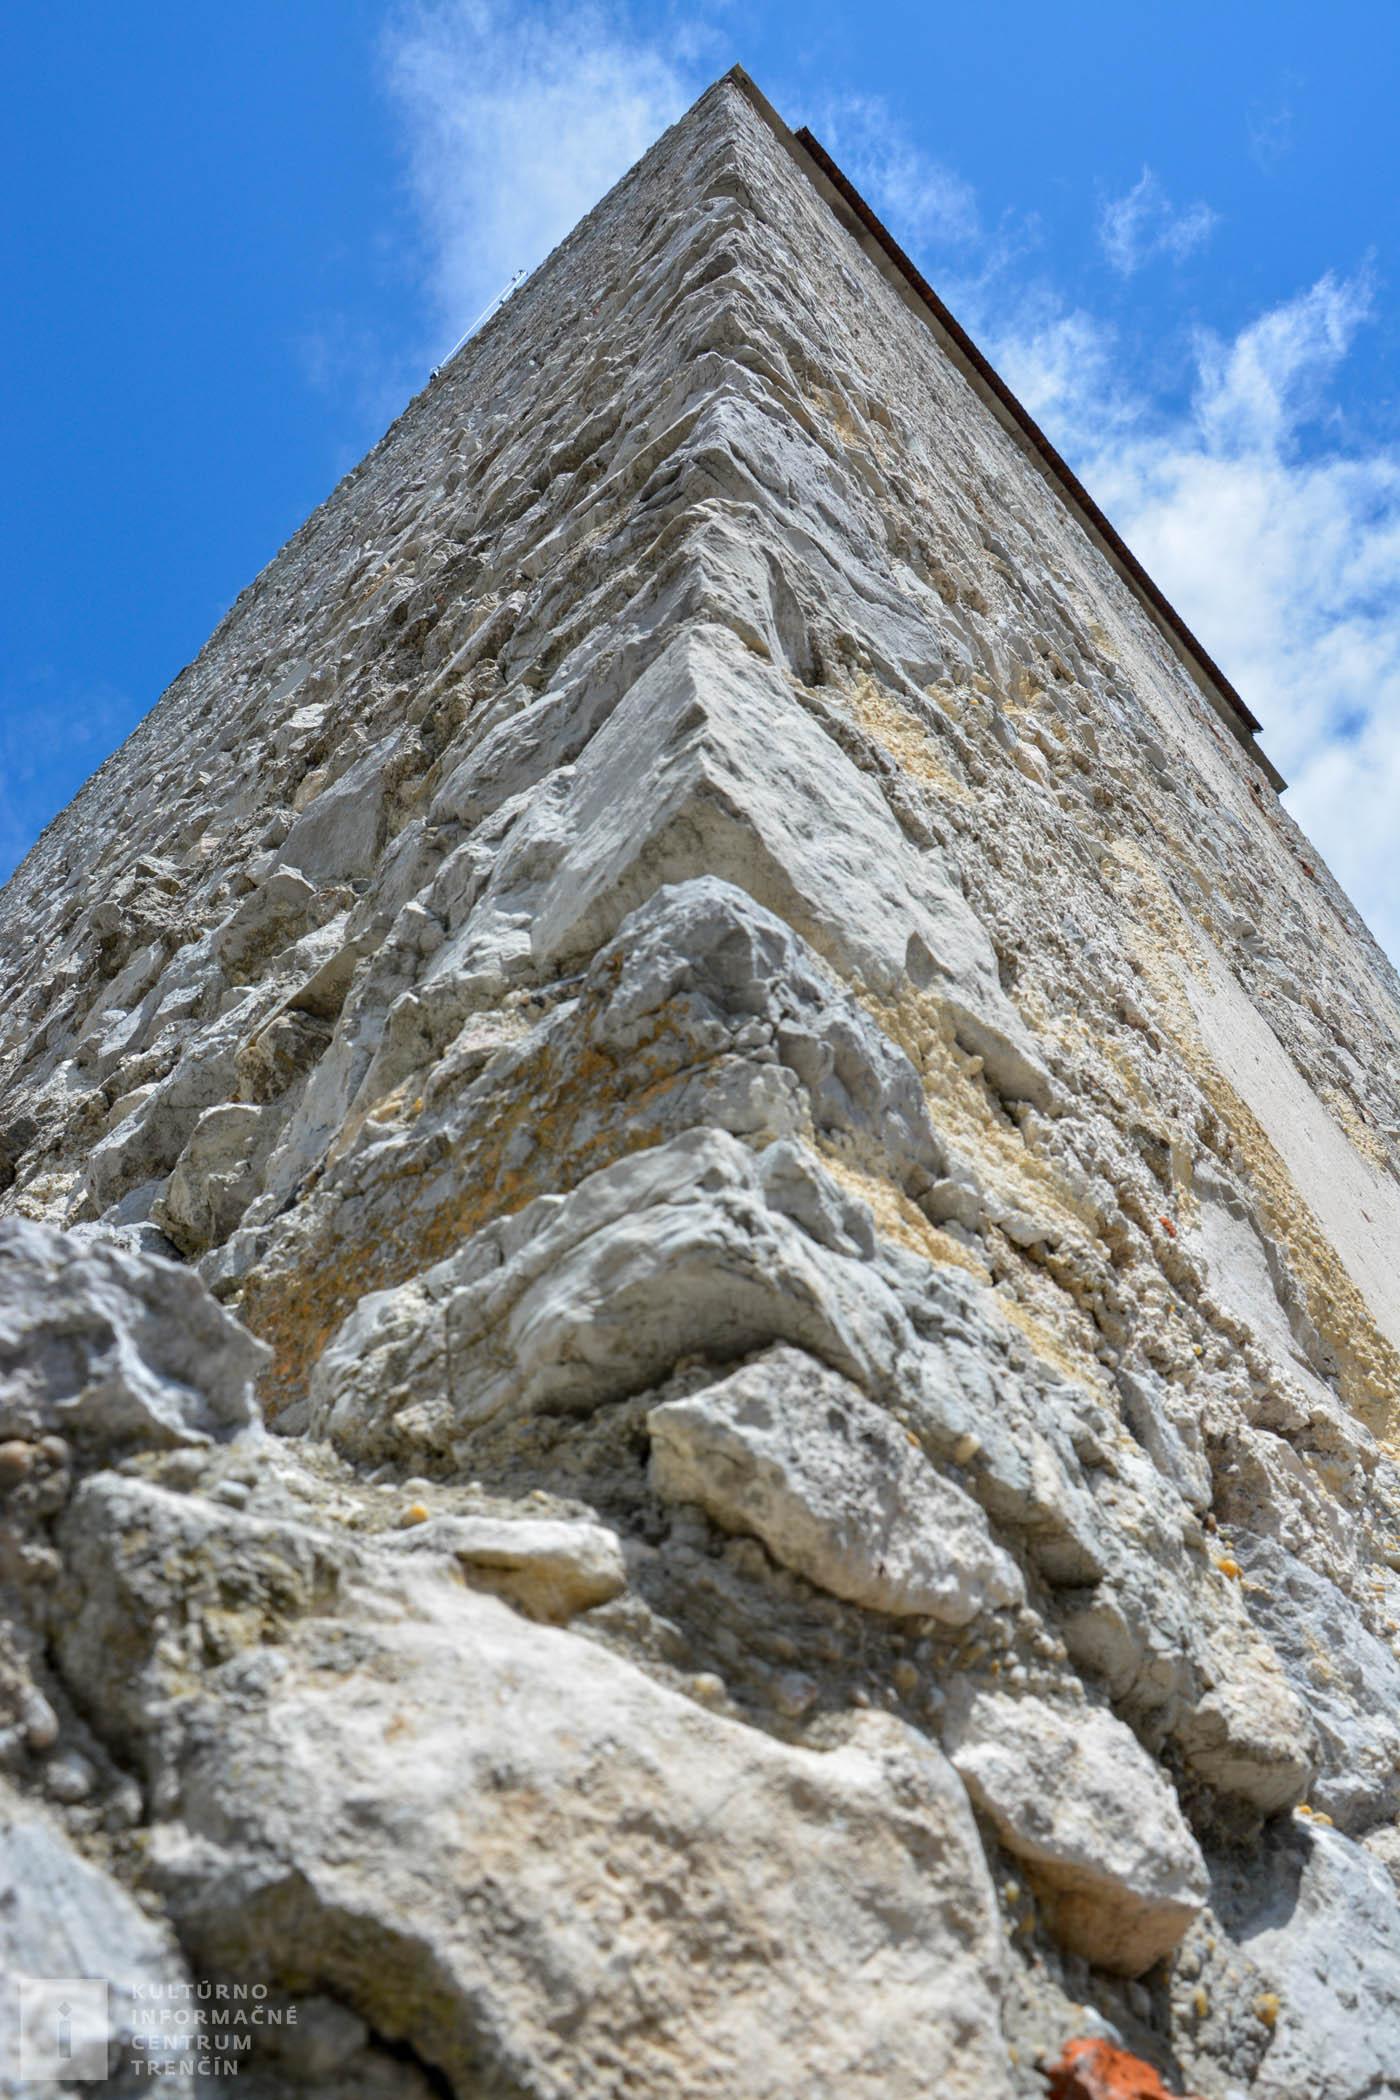 Na Topoľčiansky hrad sa dostanete z parkoviska, ktoré sa nachádza na hornom konci obce Podhradie sa približne za 10 minút chôdze, avšak do prudkého kopca.